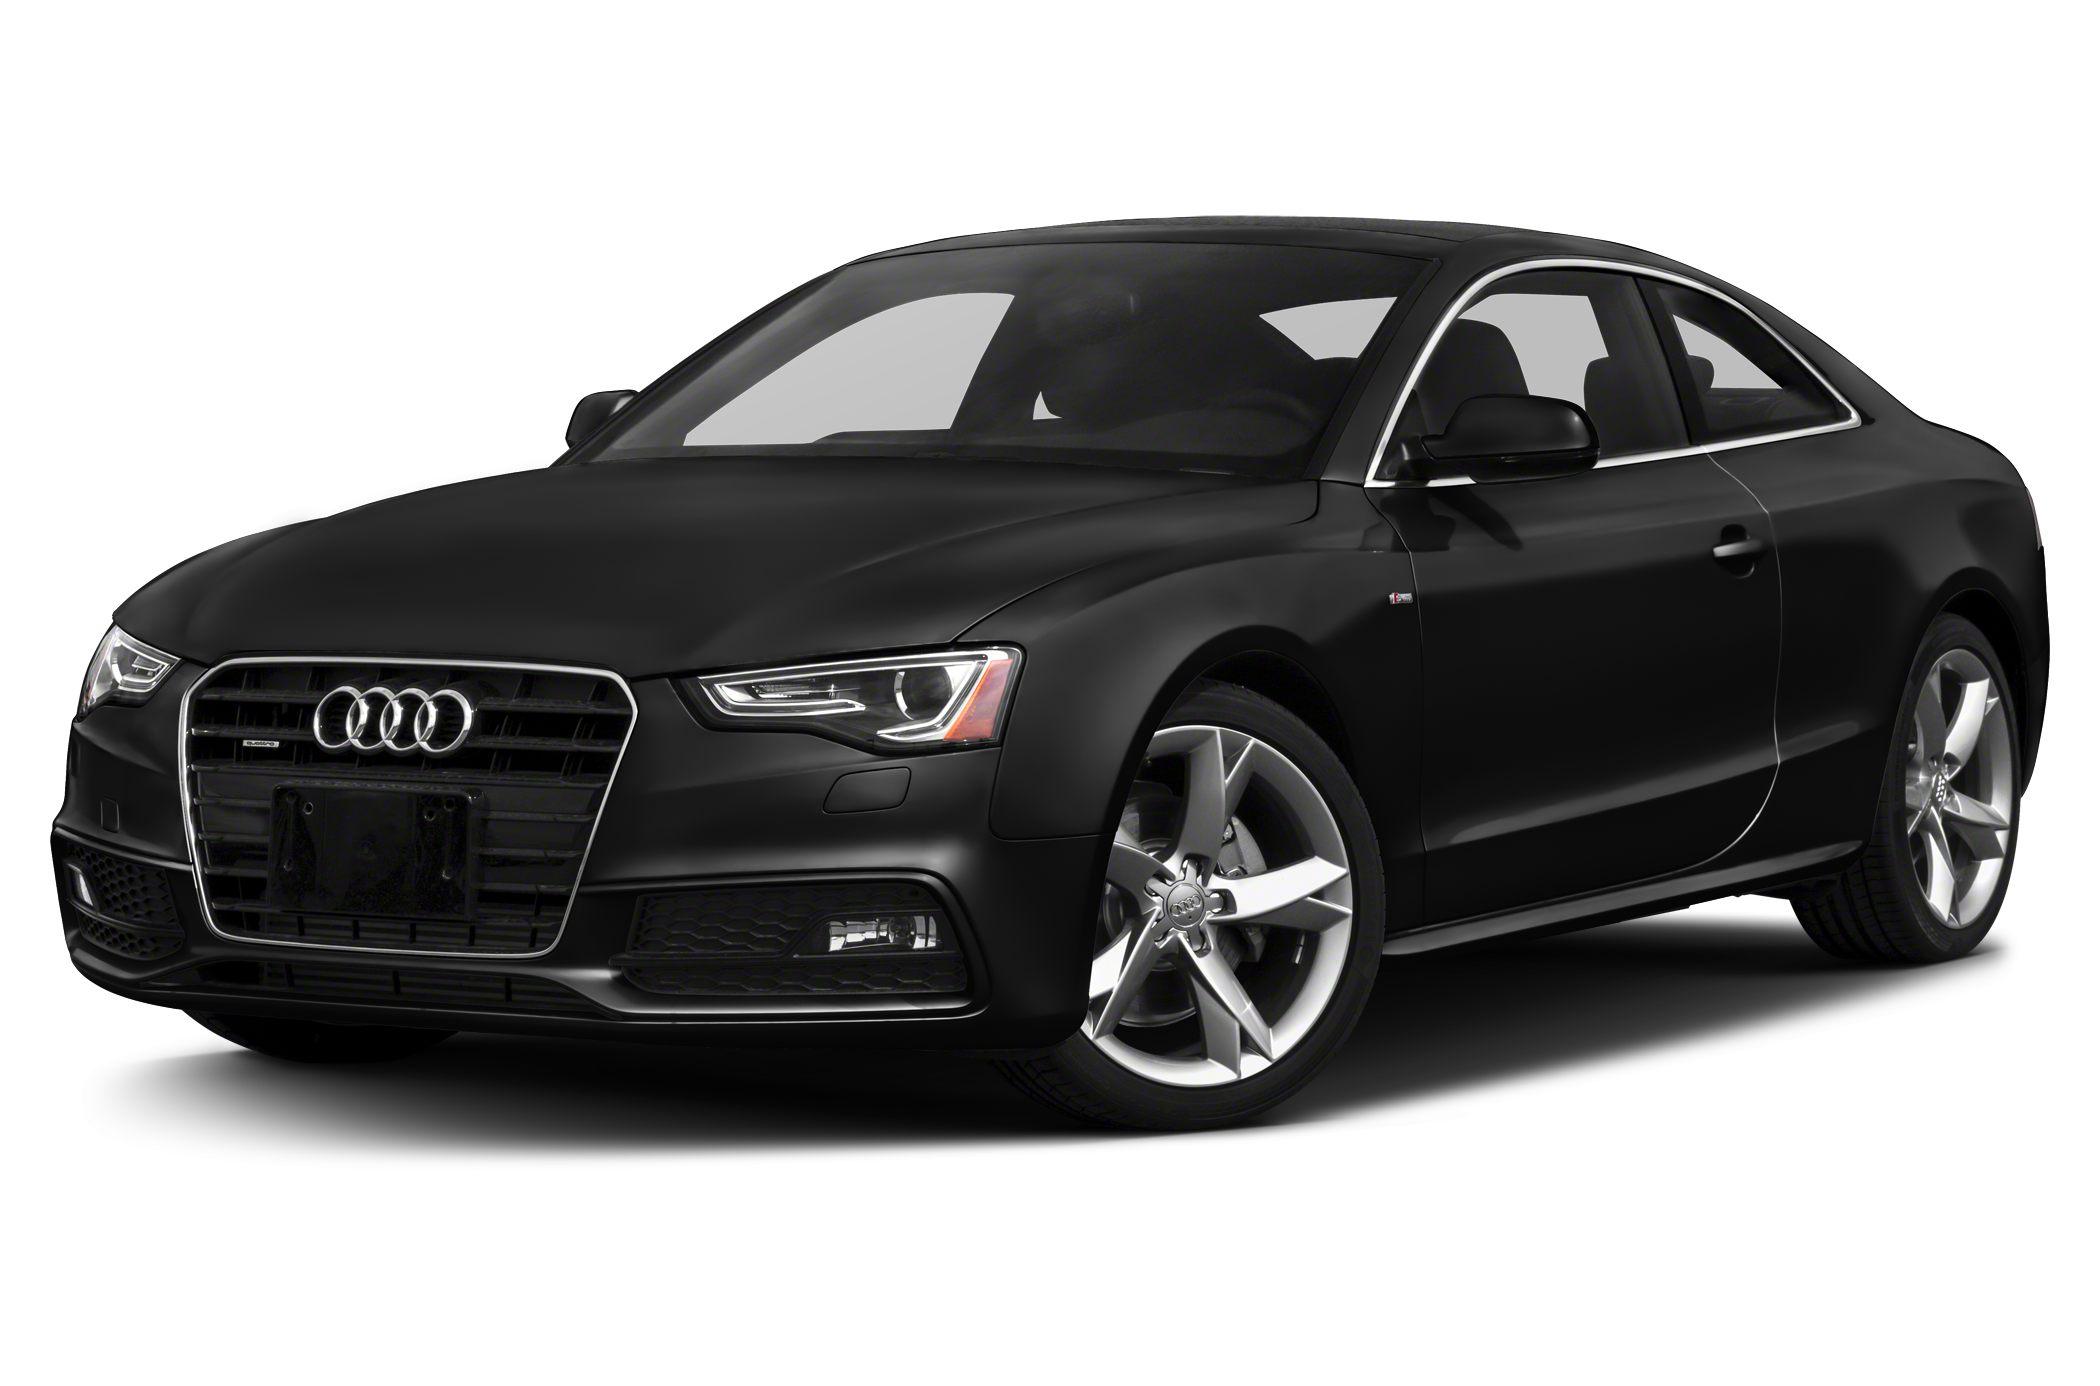 Bảo hiểm VCX ô tô Audi A5